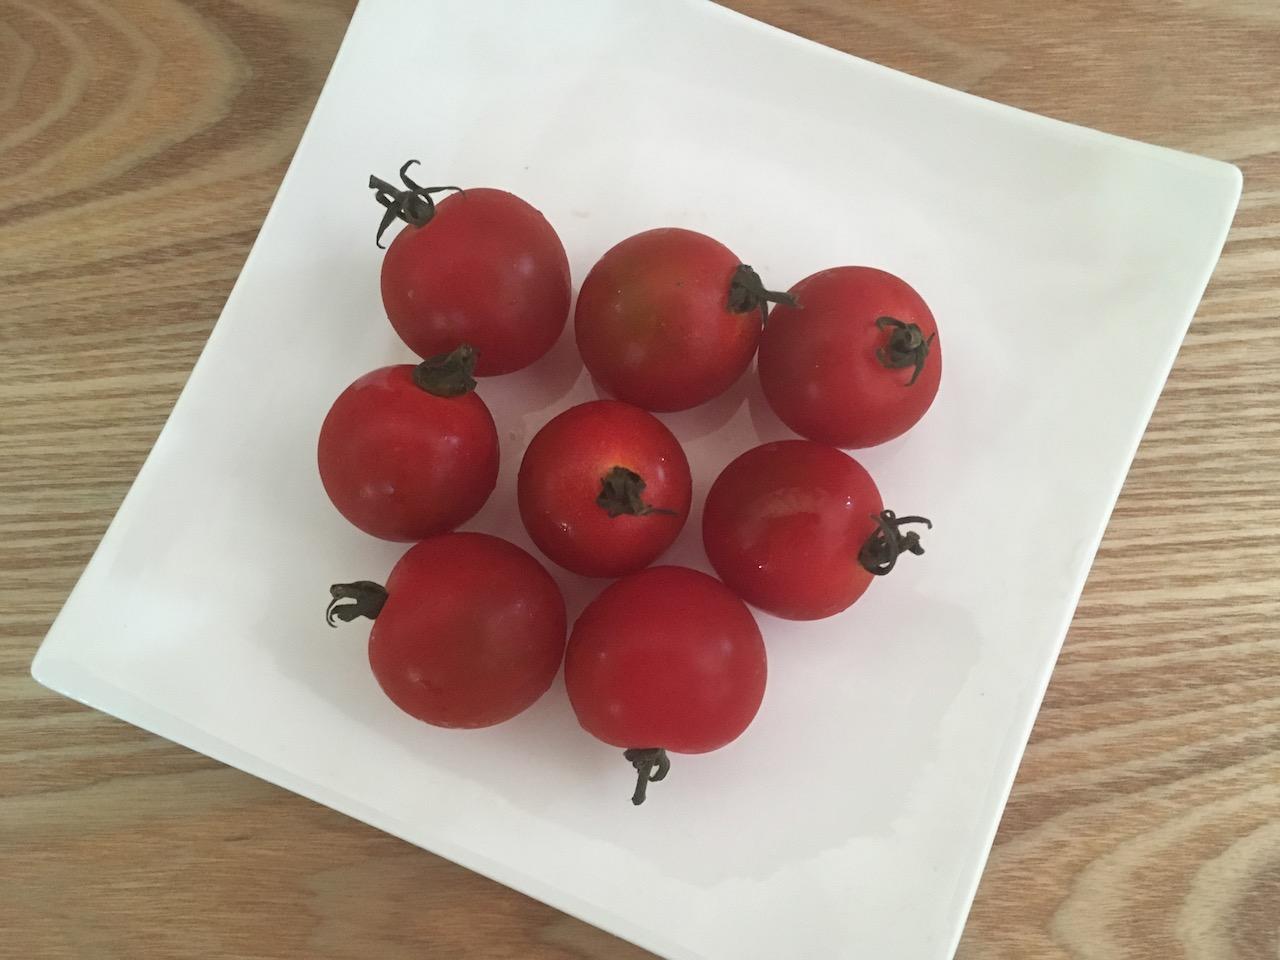 これからぬか漬けにするミニトマト